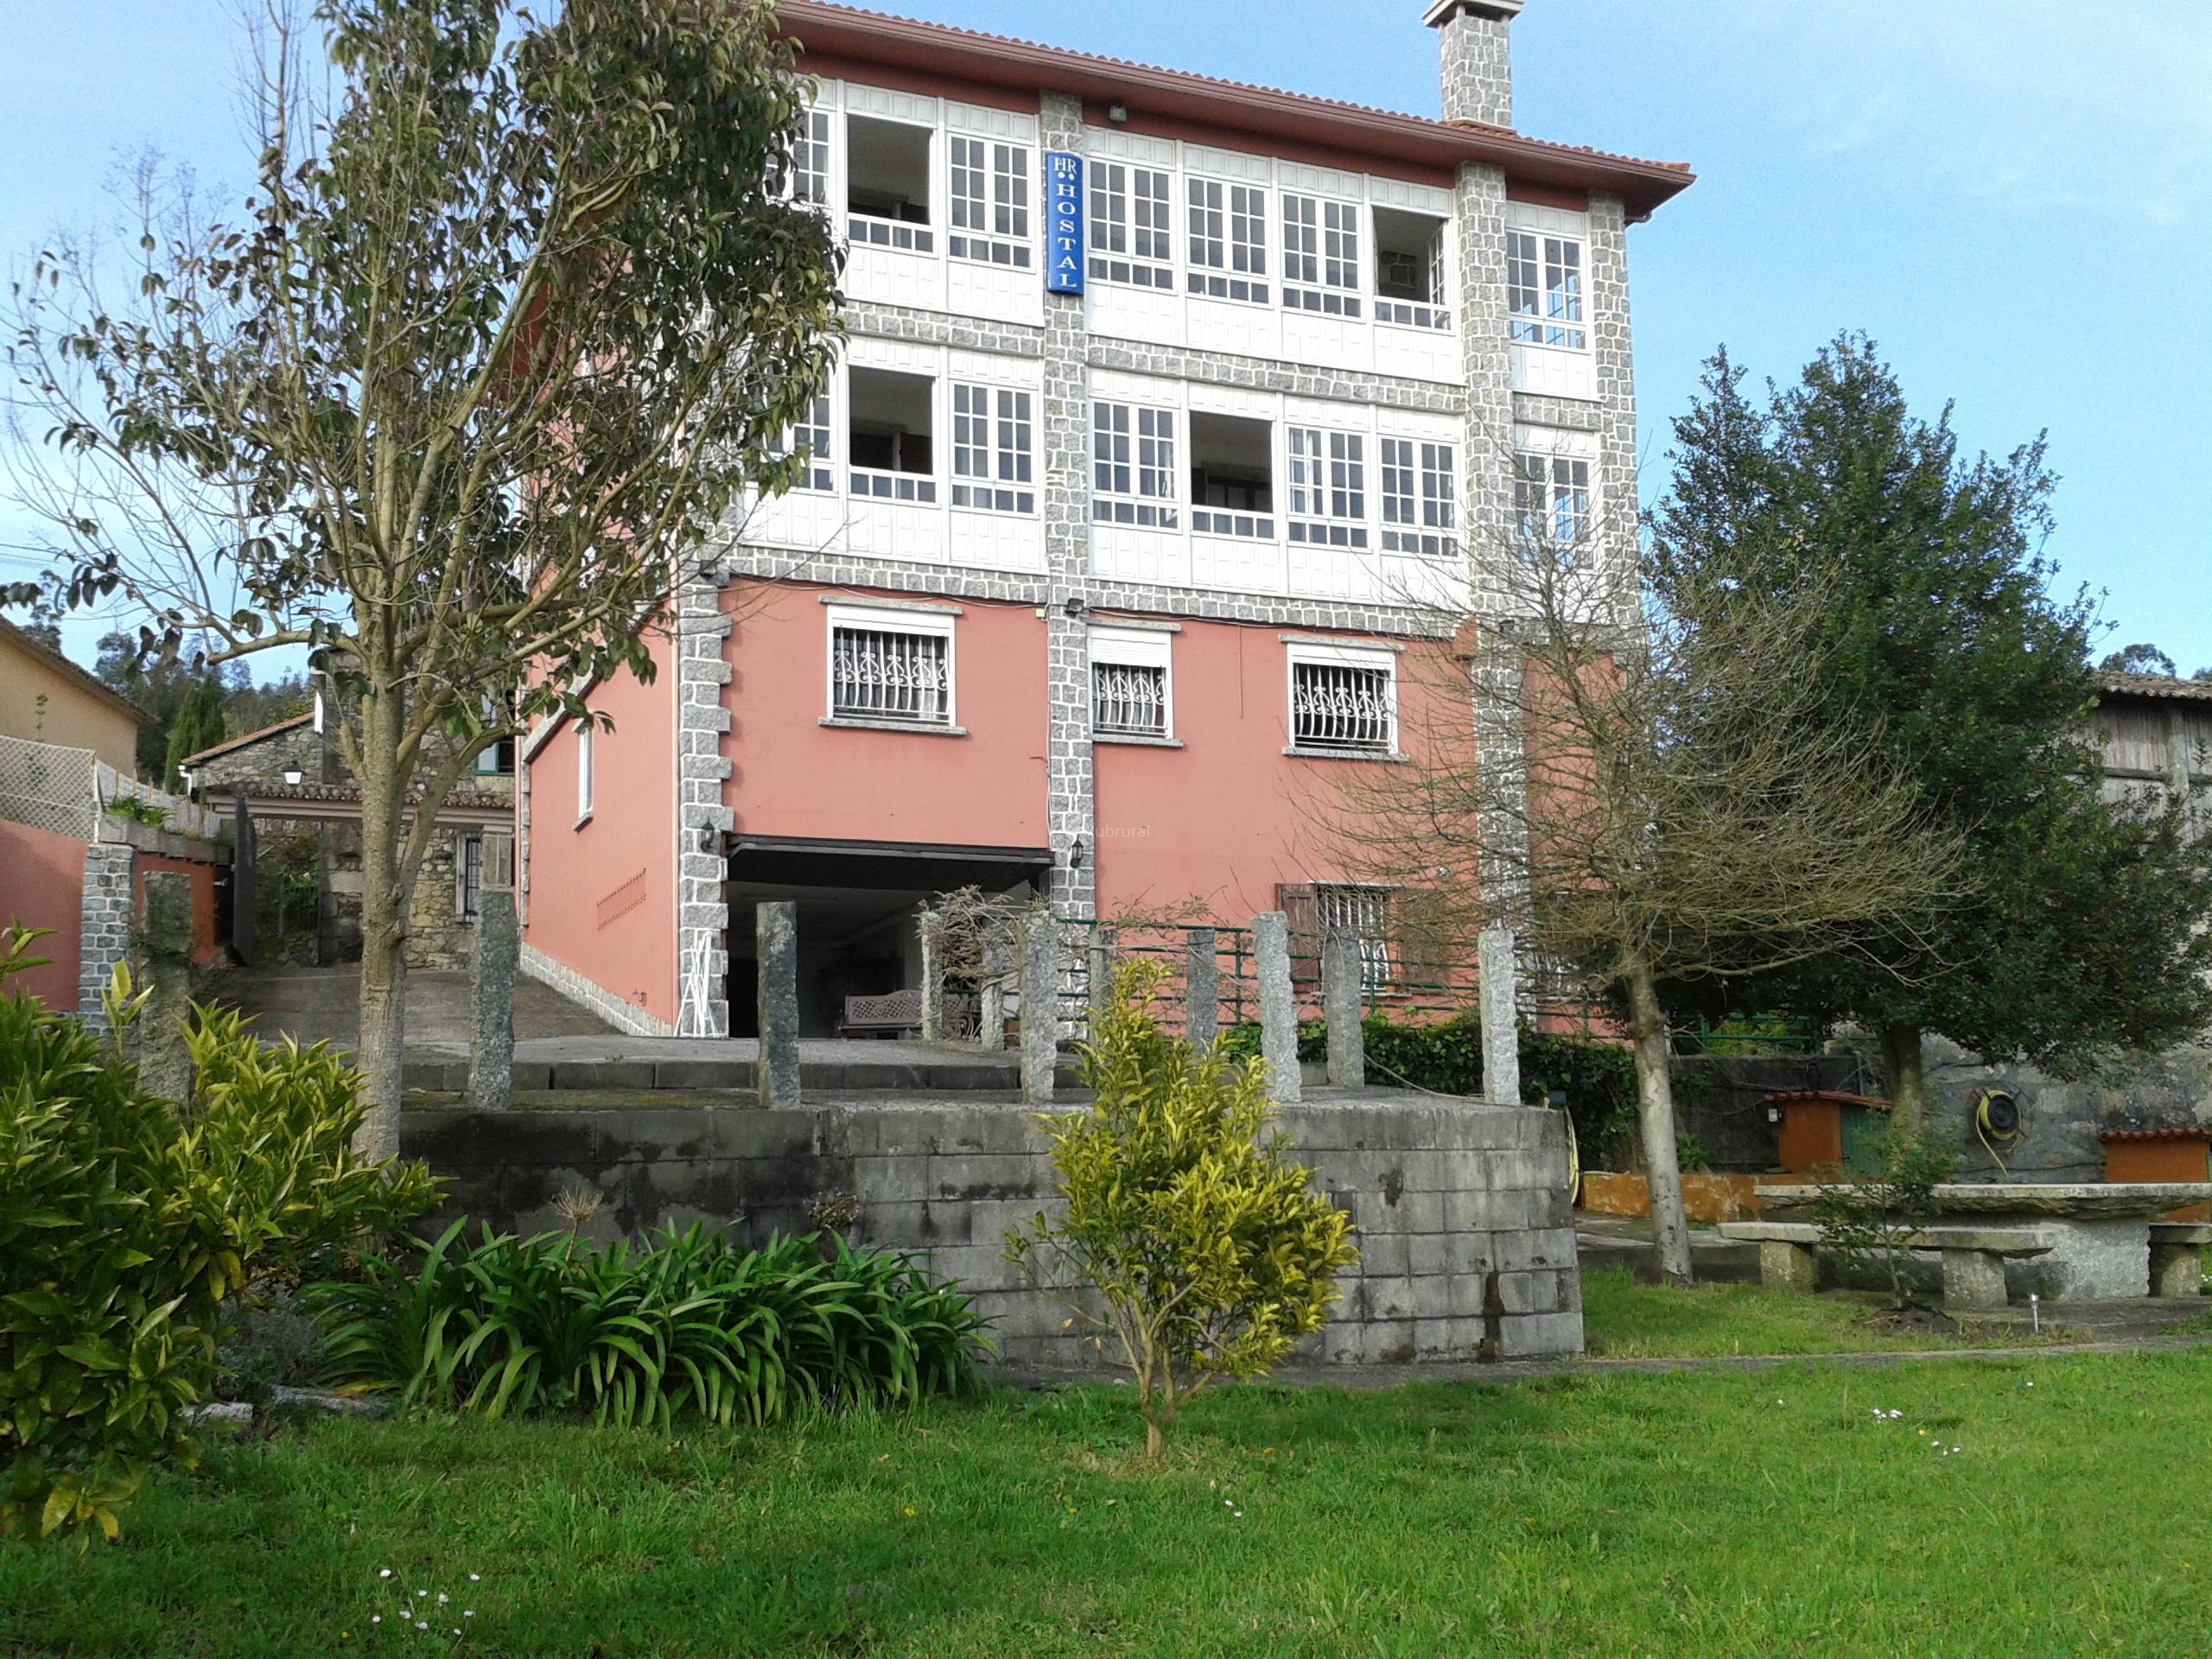 Fotos de casa boavista a coru a ames clubrural - Casas en a coruna ...